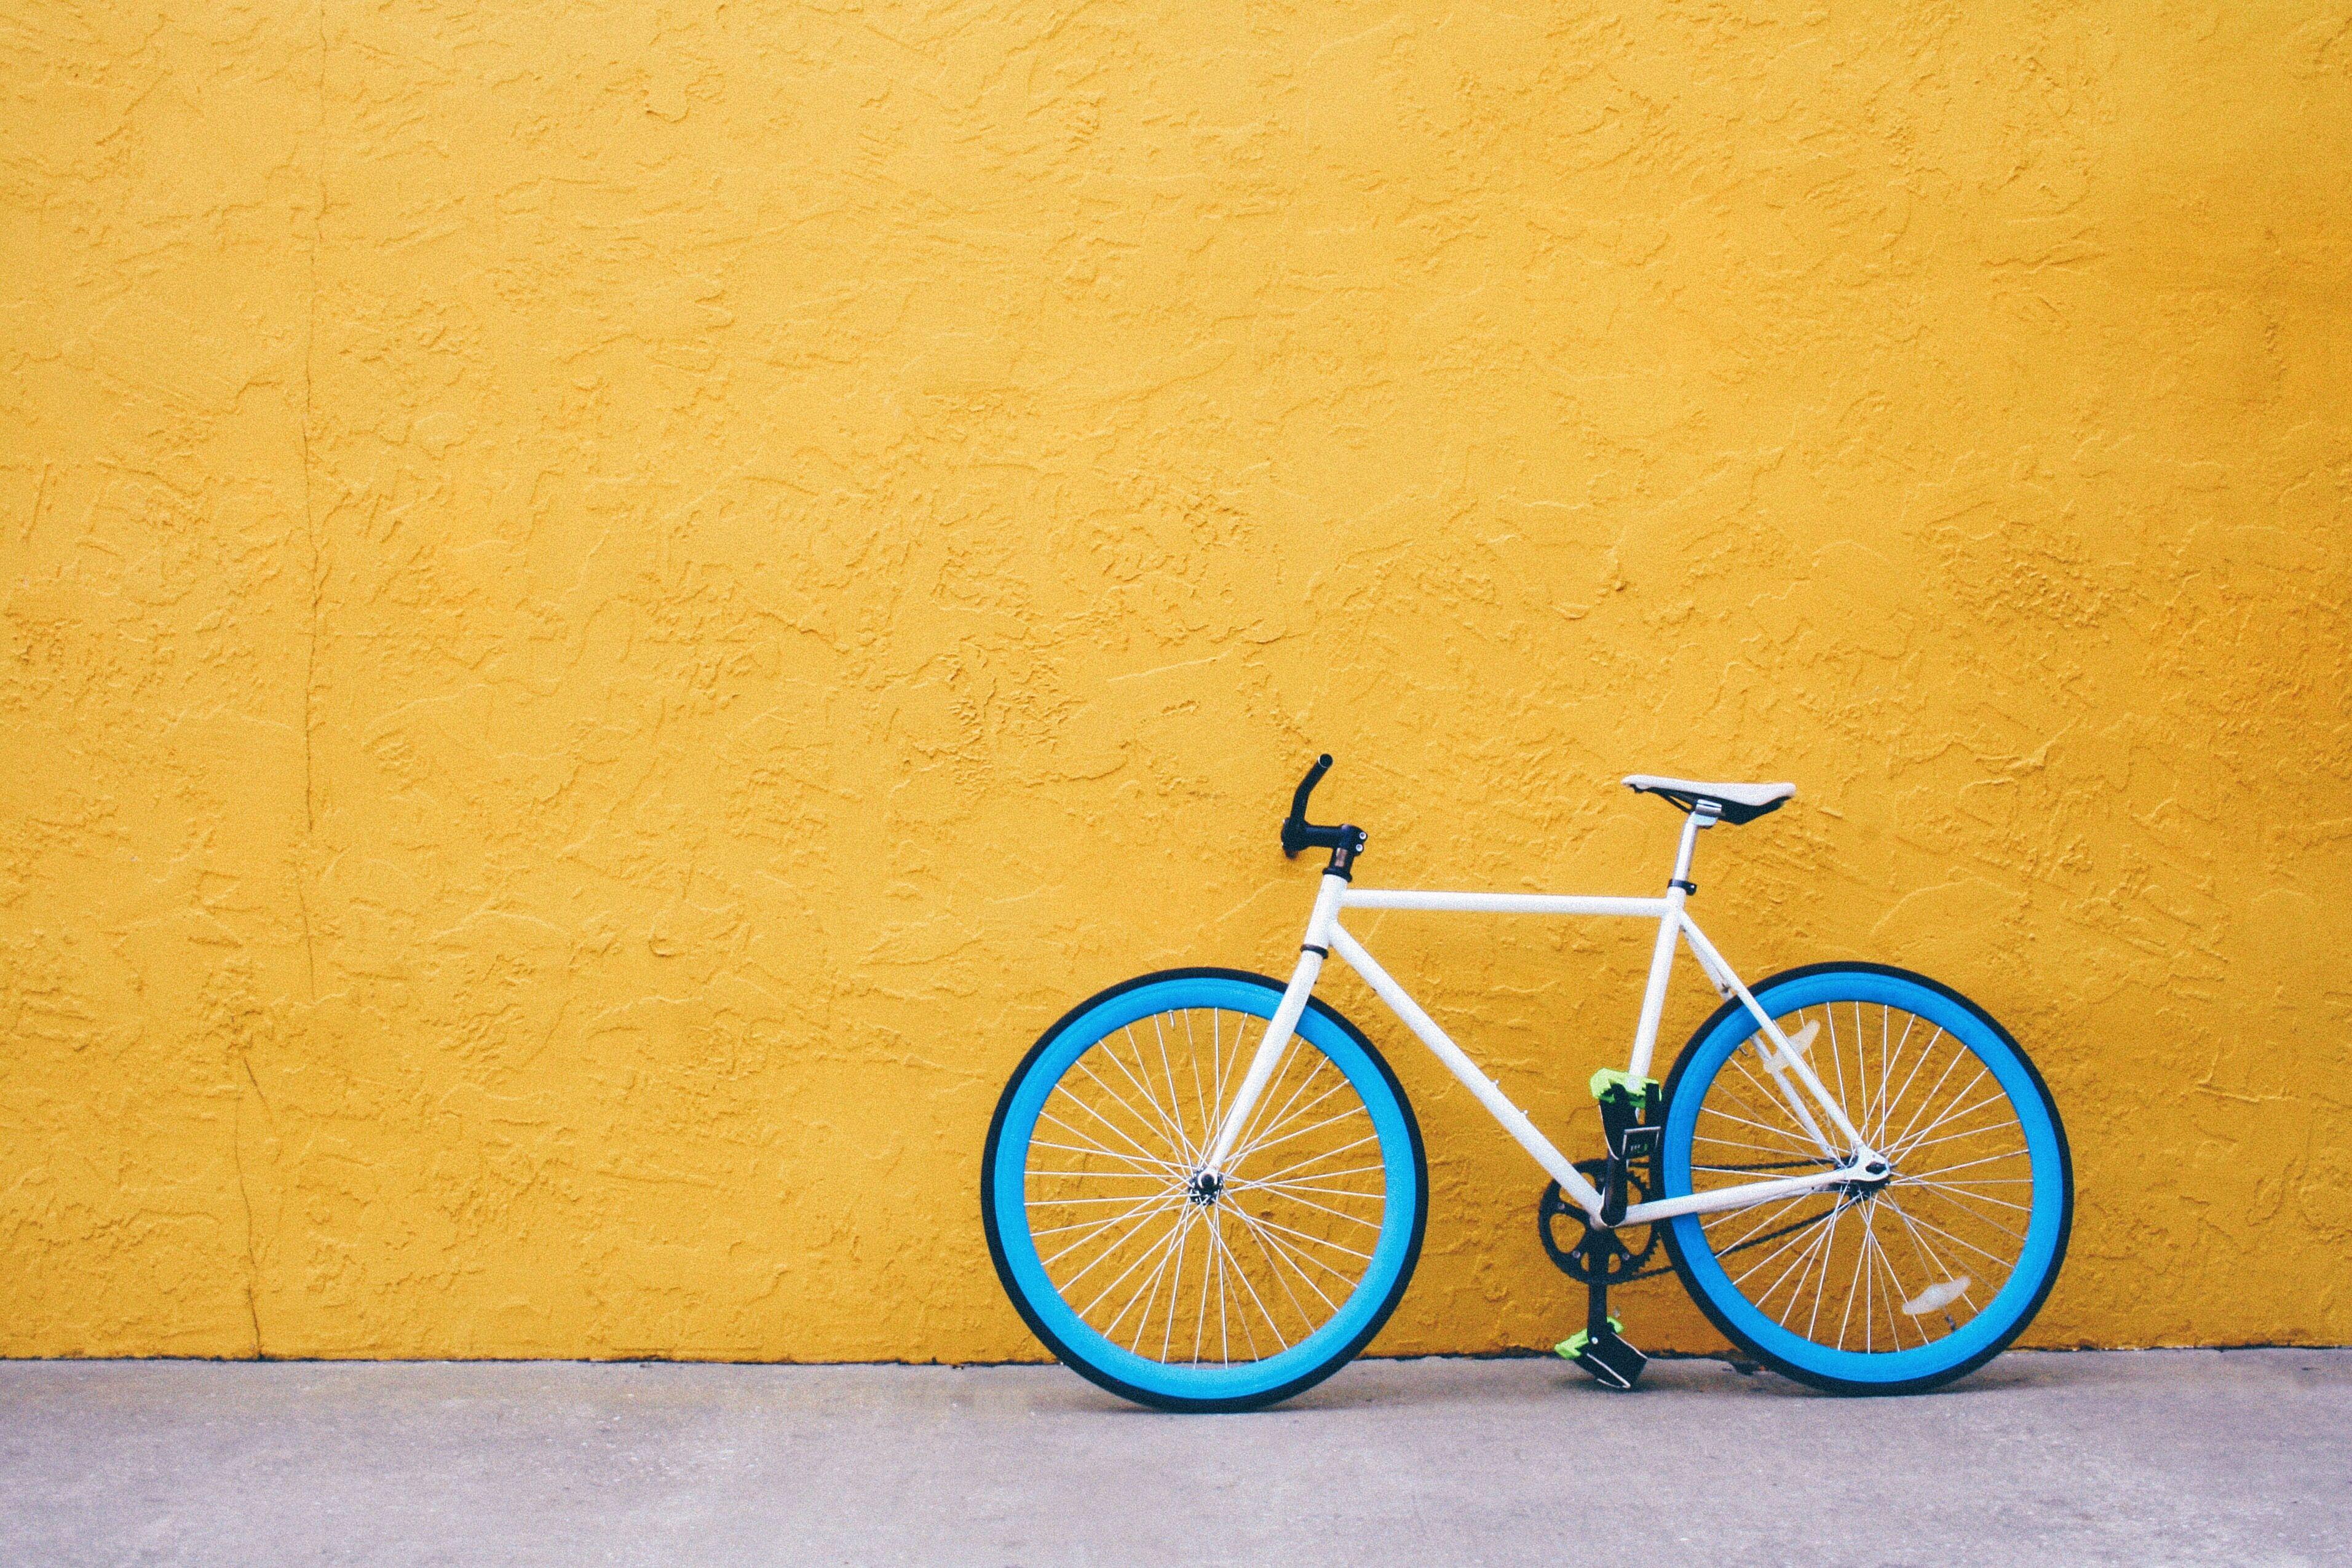 Andare a scuola in bici è un piccolo passo per migliorare il mondo?